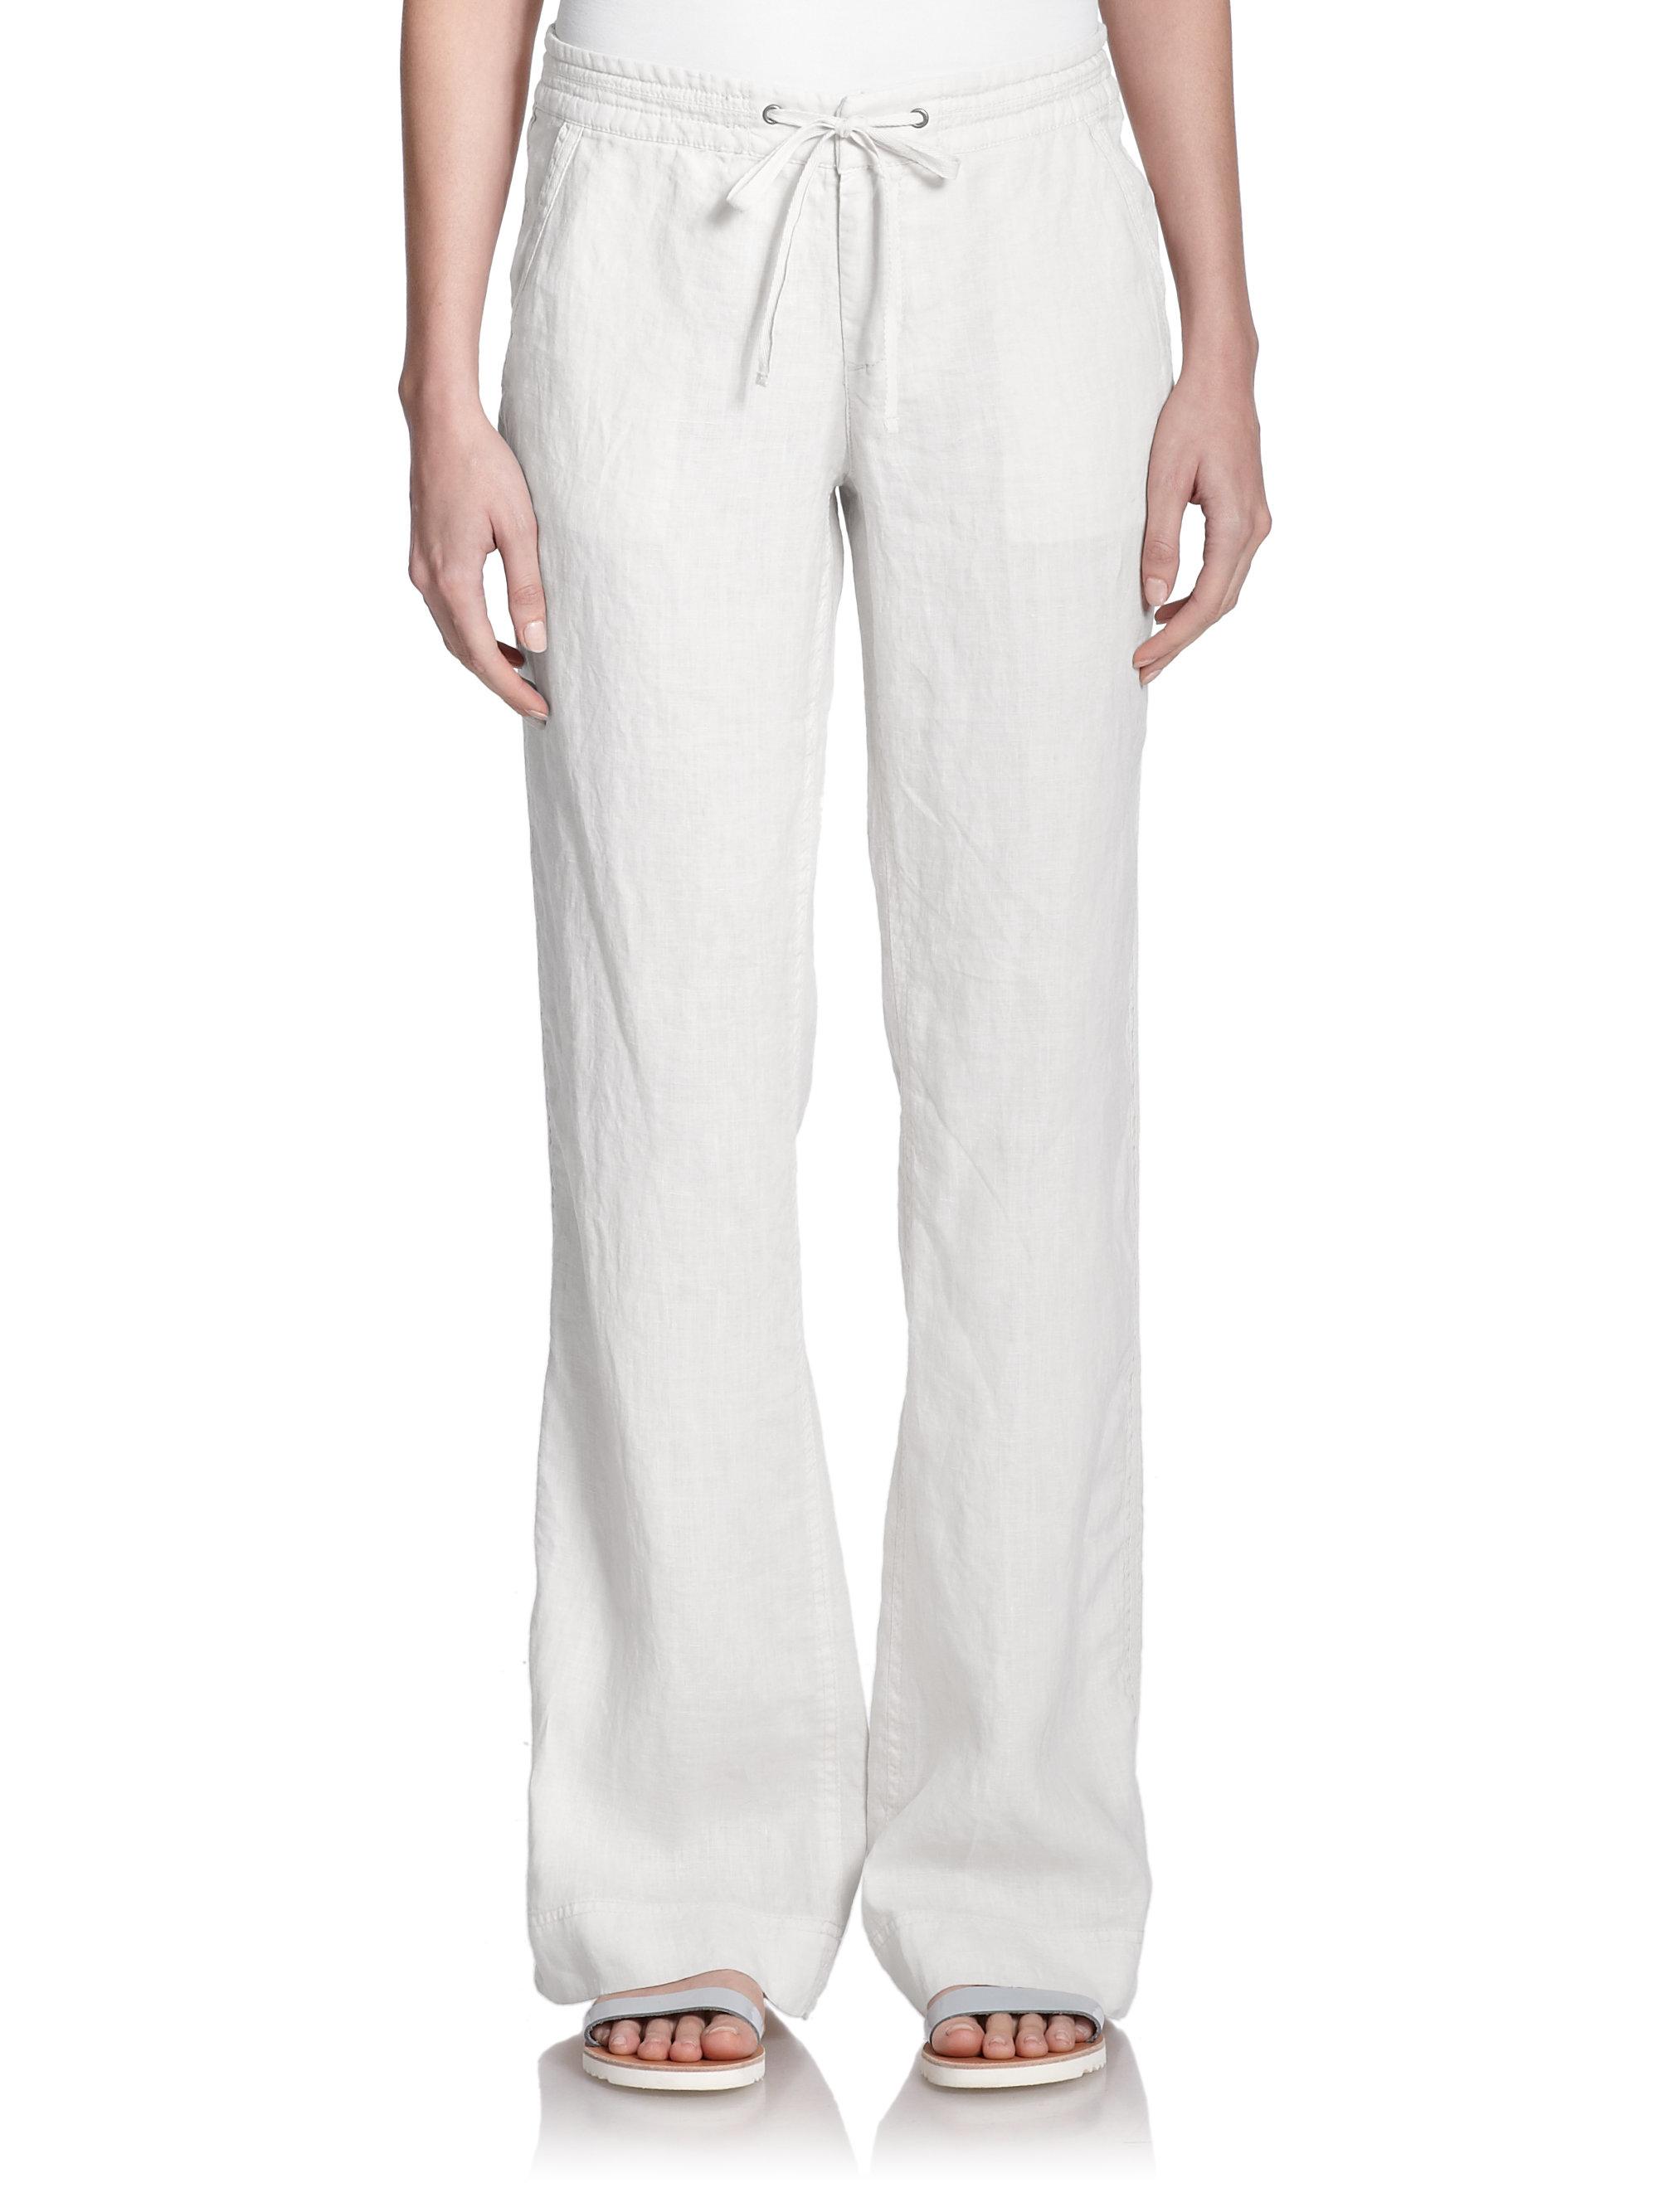 Joie Katriane Wide-leg Linen Pants in White | Lyst